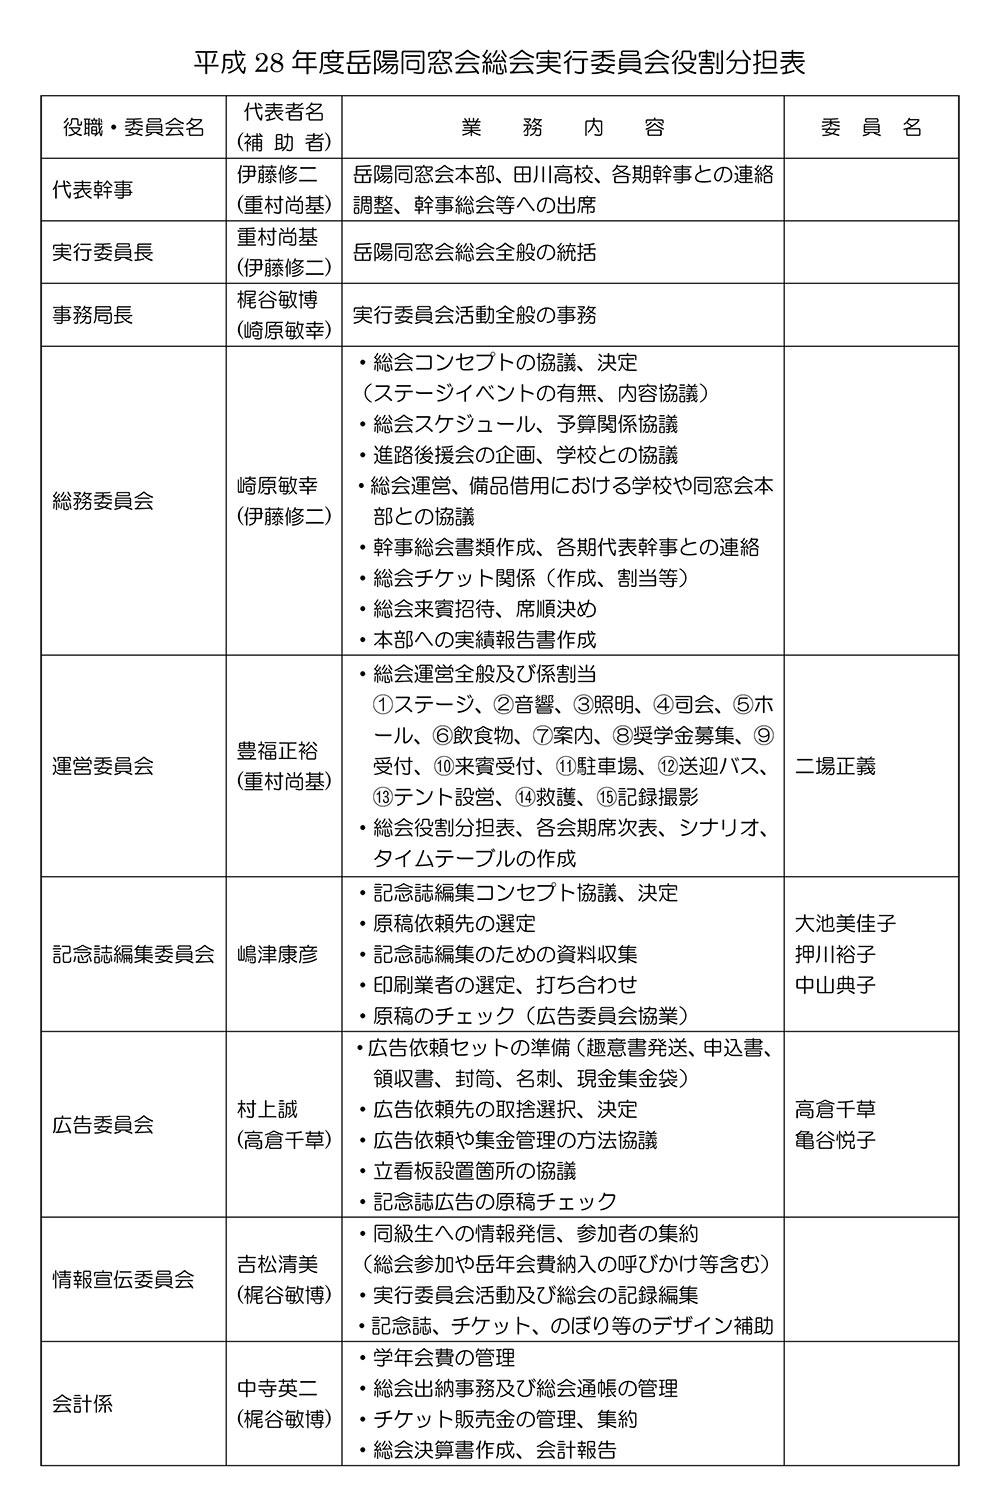 36回生実行委員会役割分担表